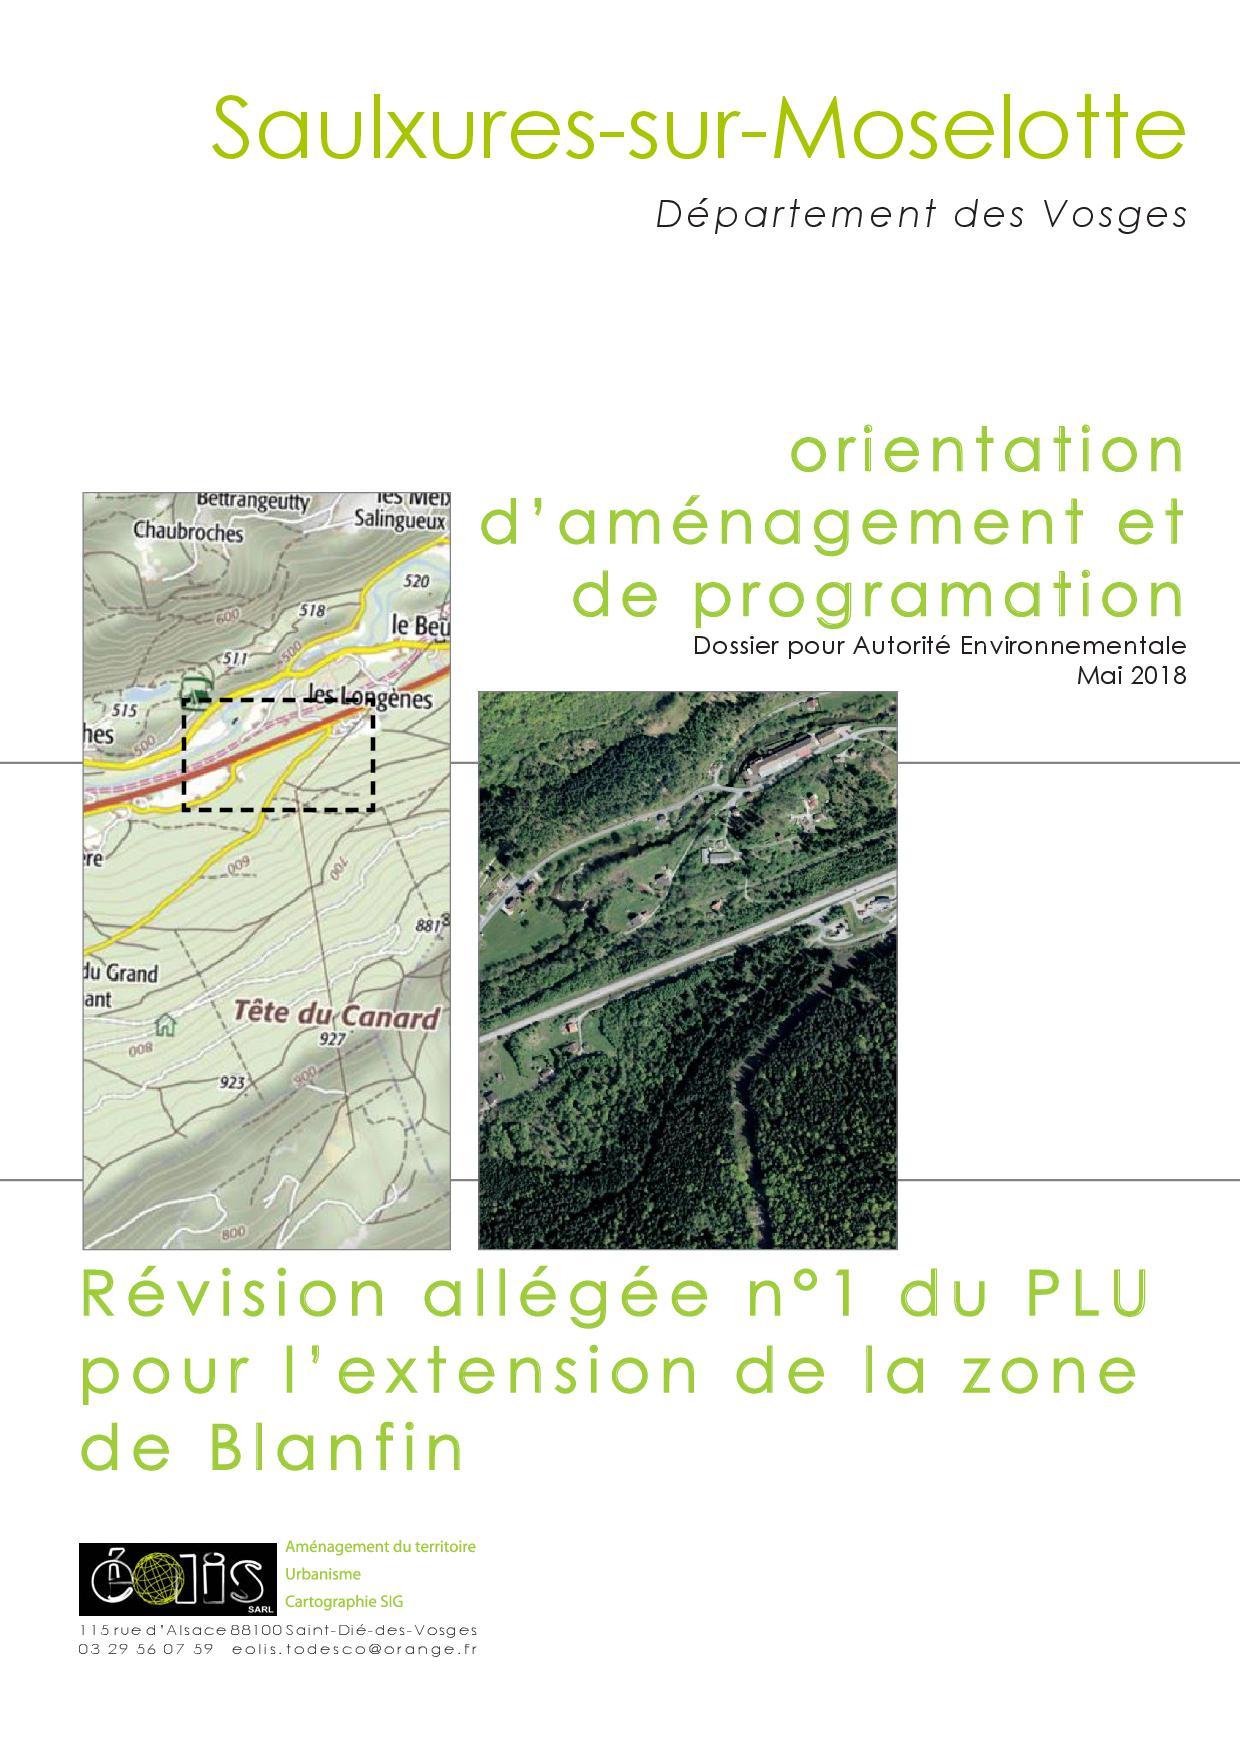 ORIENTATION D'AMENAGEMENT ET DE PROGRAMMATION ZONE DE BLANFIN